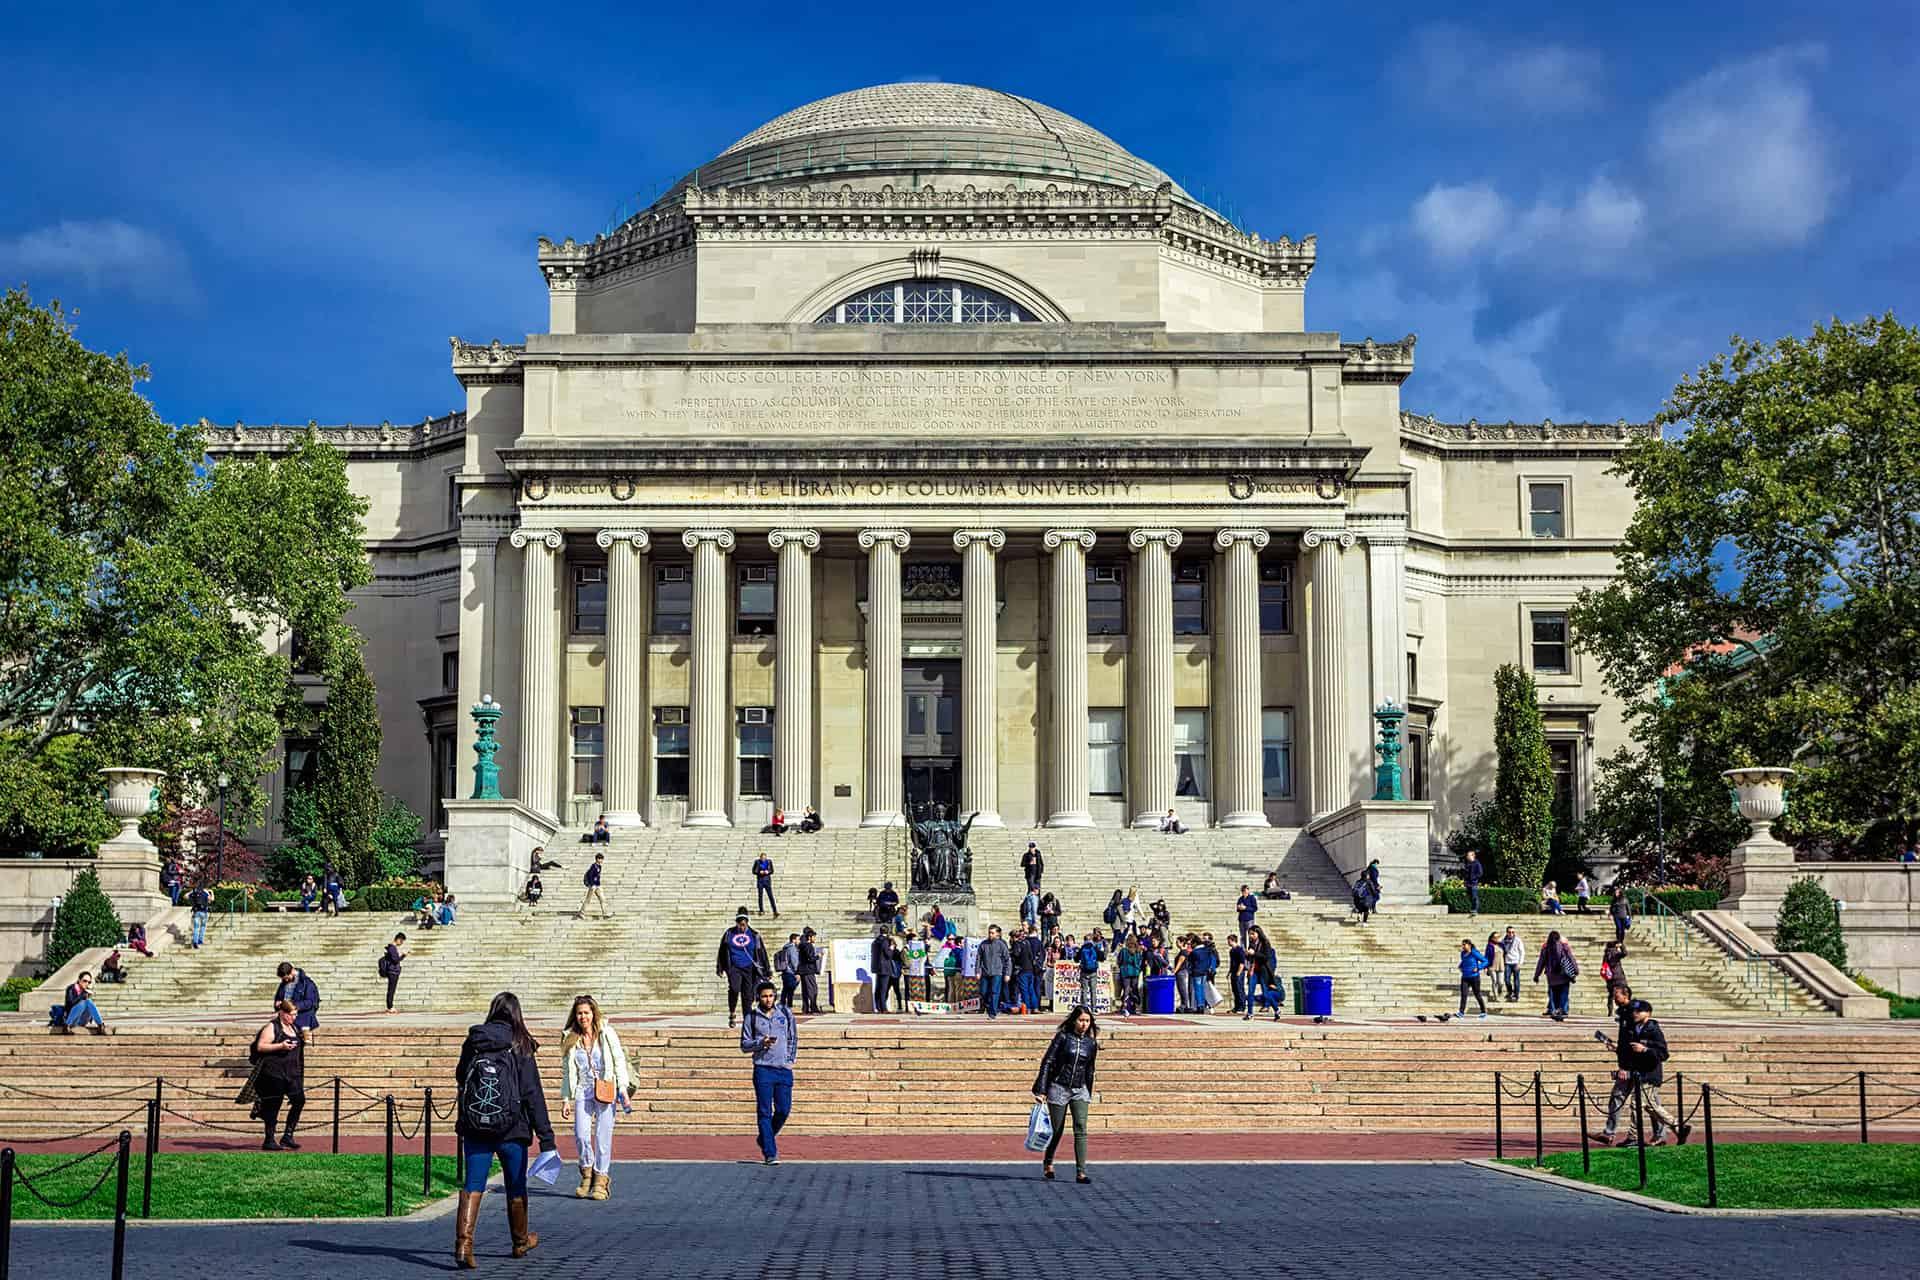 etudier universite columbia